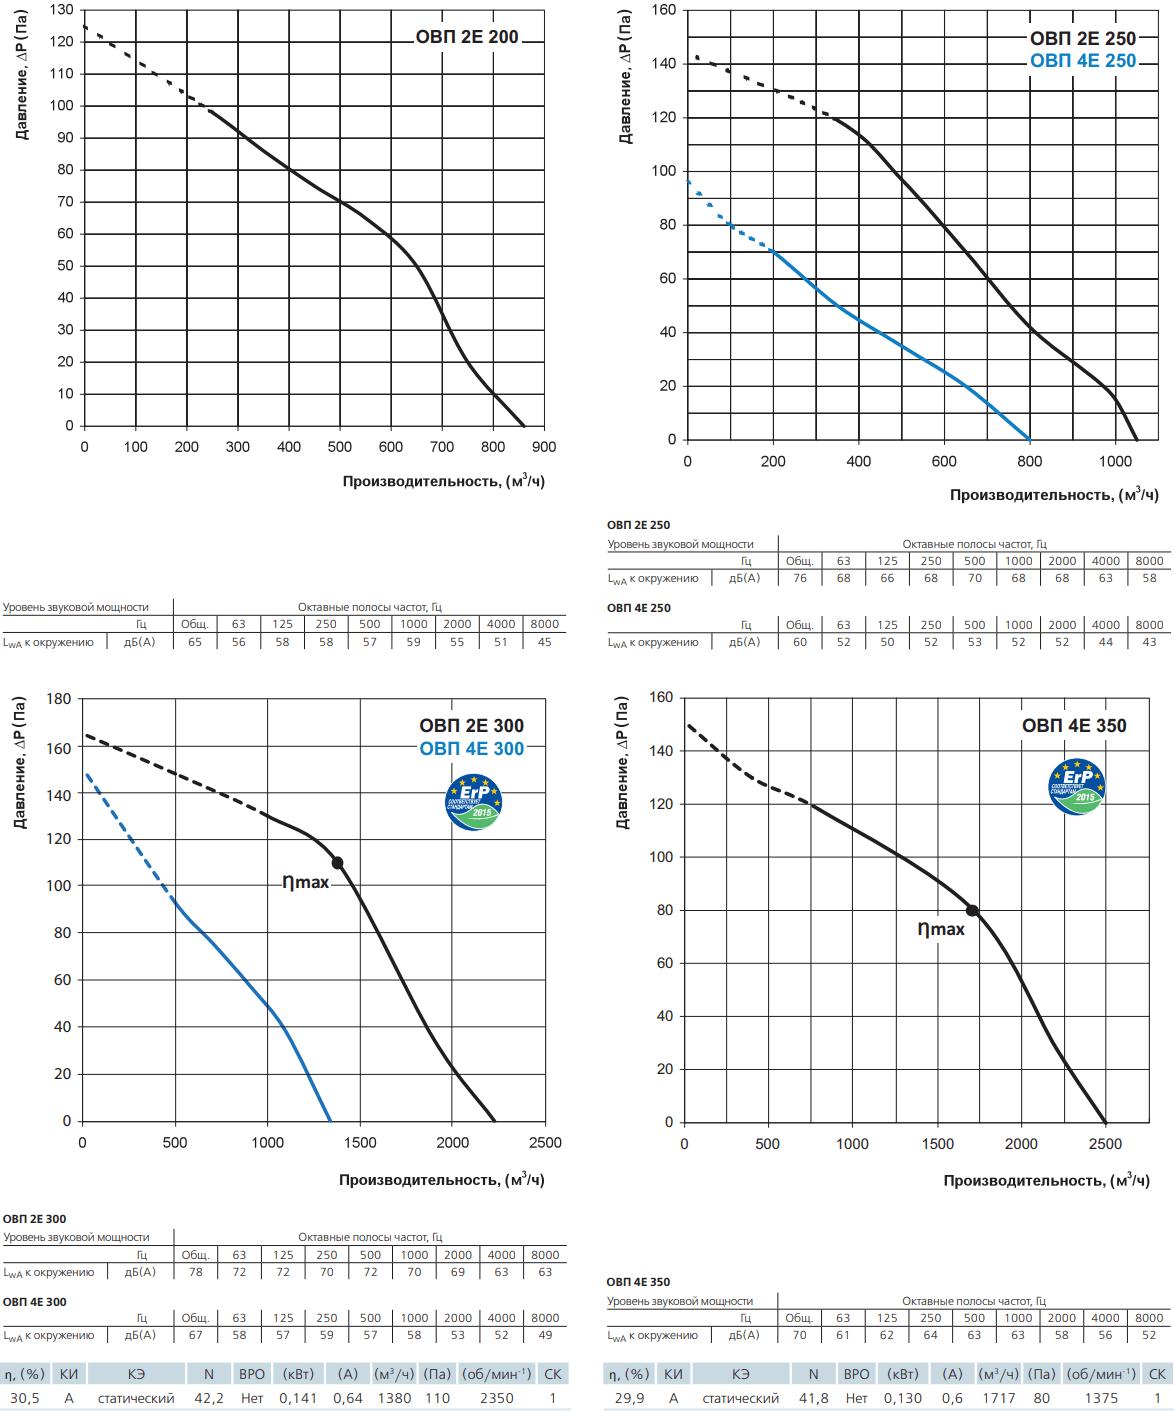 Осевой канальный вентилятор Вентс ОВП - Аэродинамические характеристики